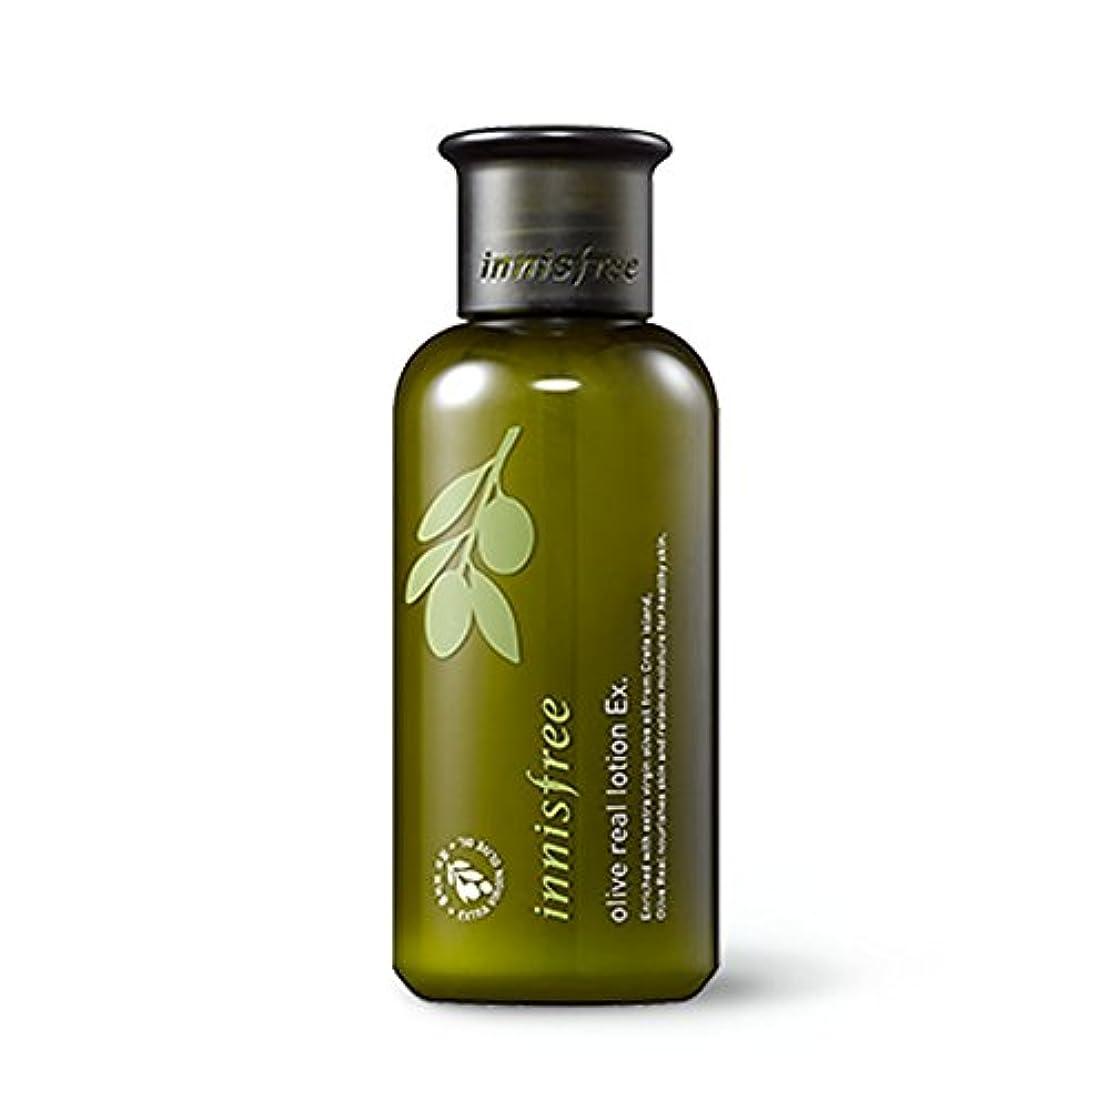 保証金破壊する批判的イニスフリーオリーブリアルローションEx 160ml / innisfree Olive Real Lotion Ex 160ml [海外直送品][並行輸入品]